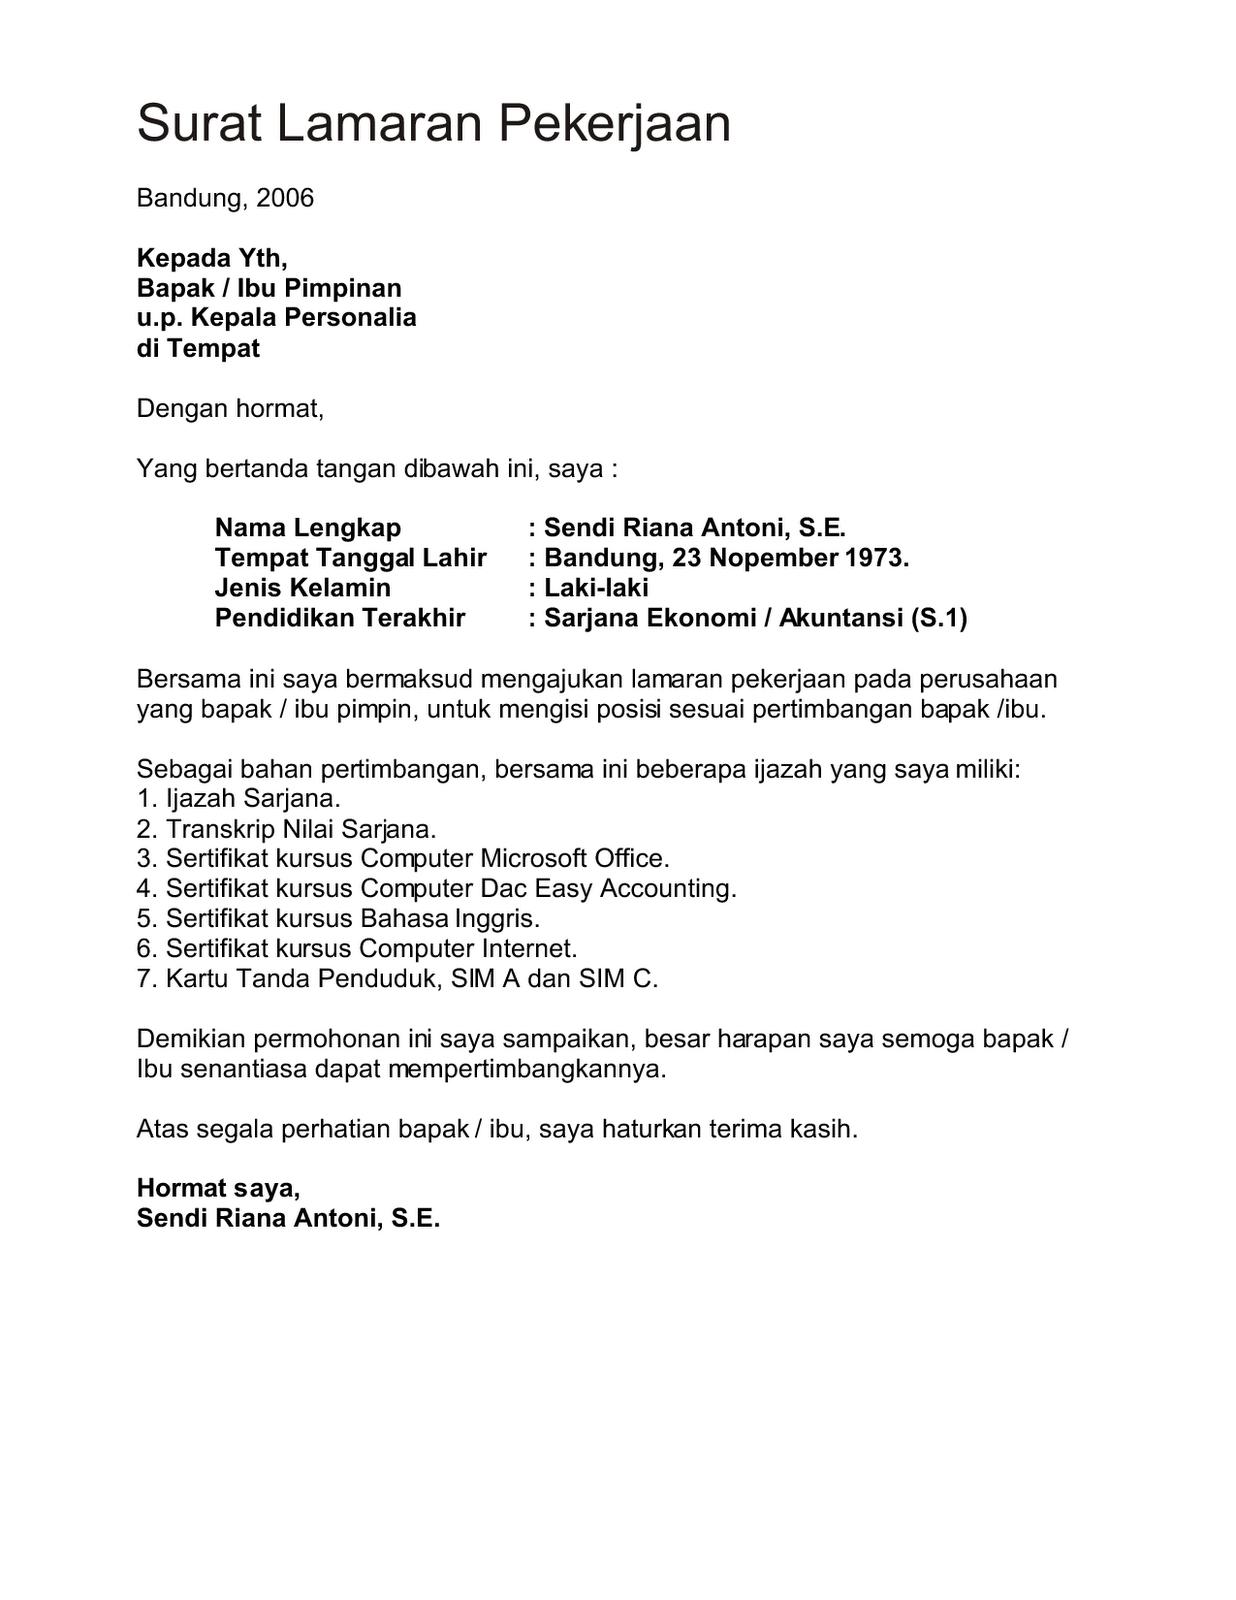 Contoh Format Penulisan Surat Lamaran Kerja CPNS 2015 ...